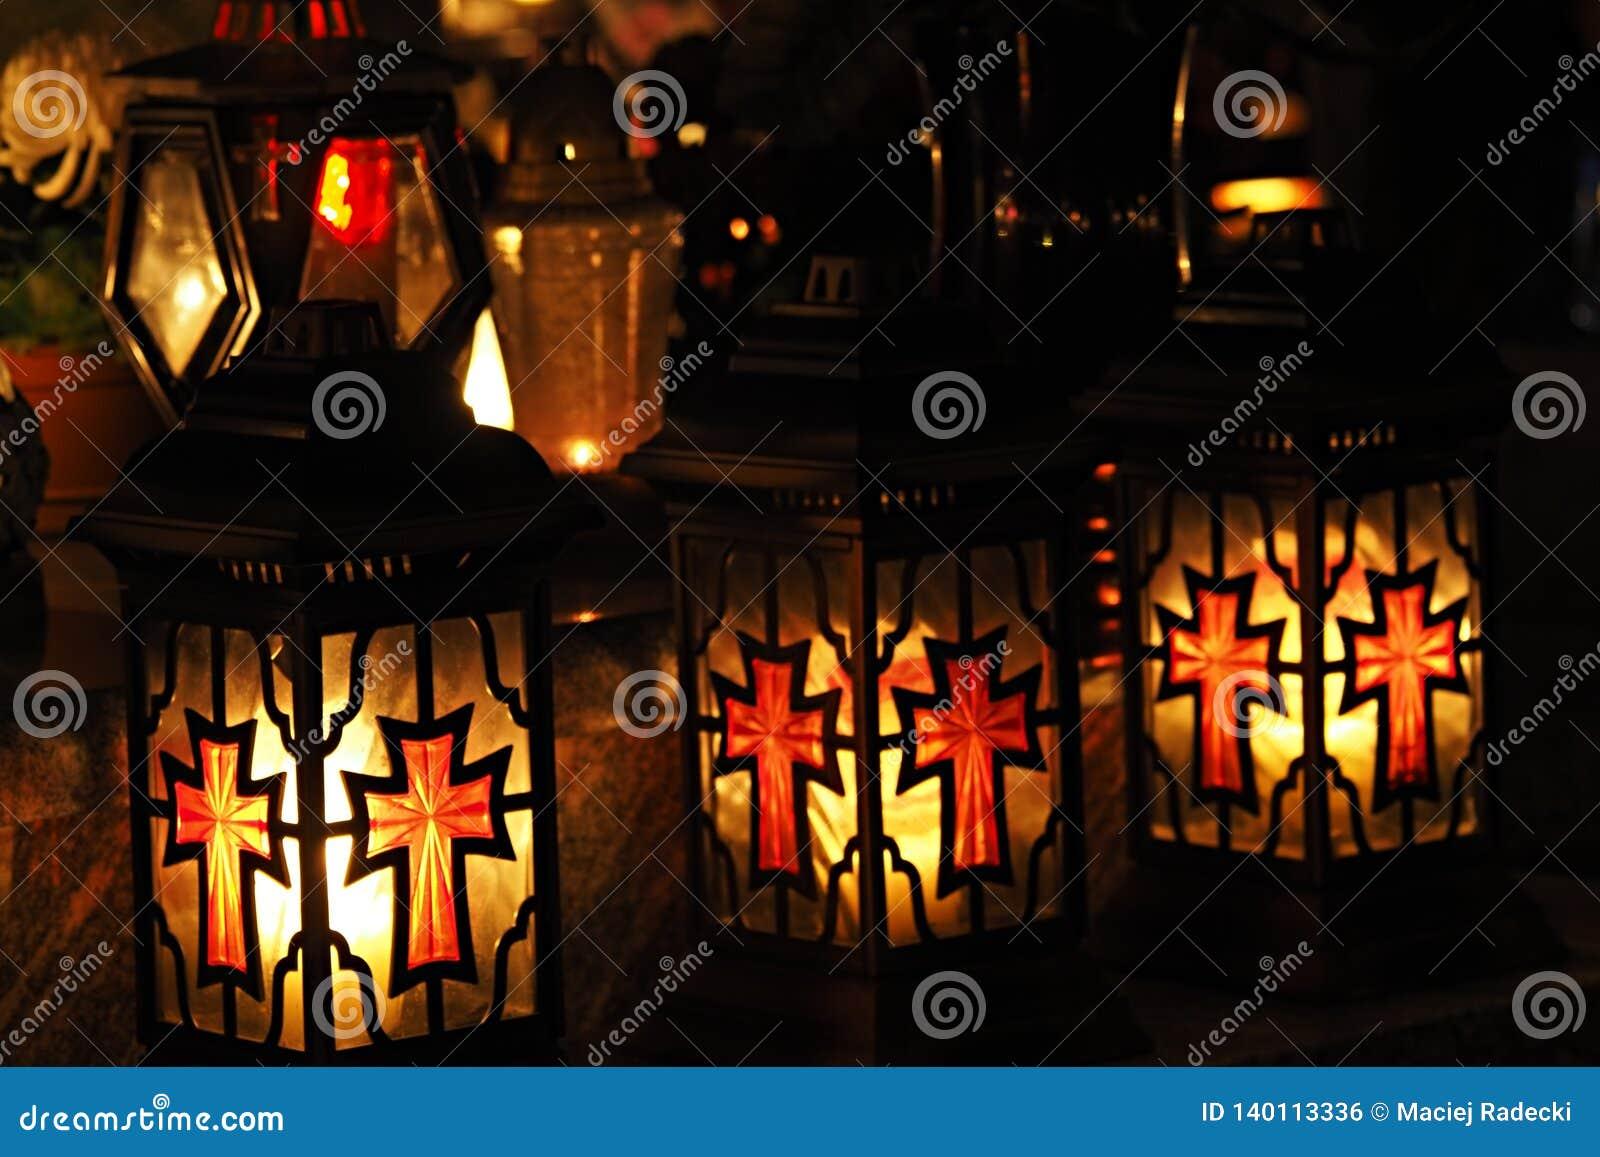 Drie gele en rode ernstige kaarsen in een begraafplaats bij nacht